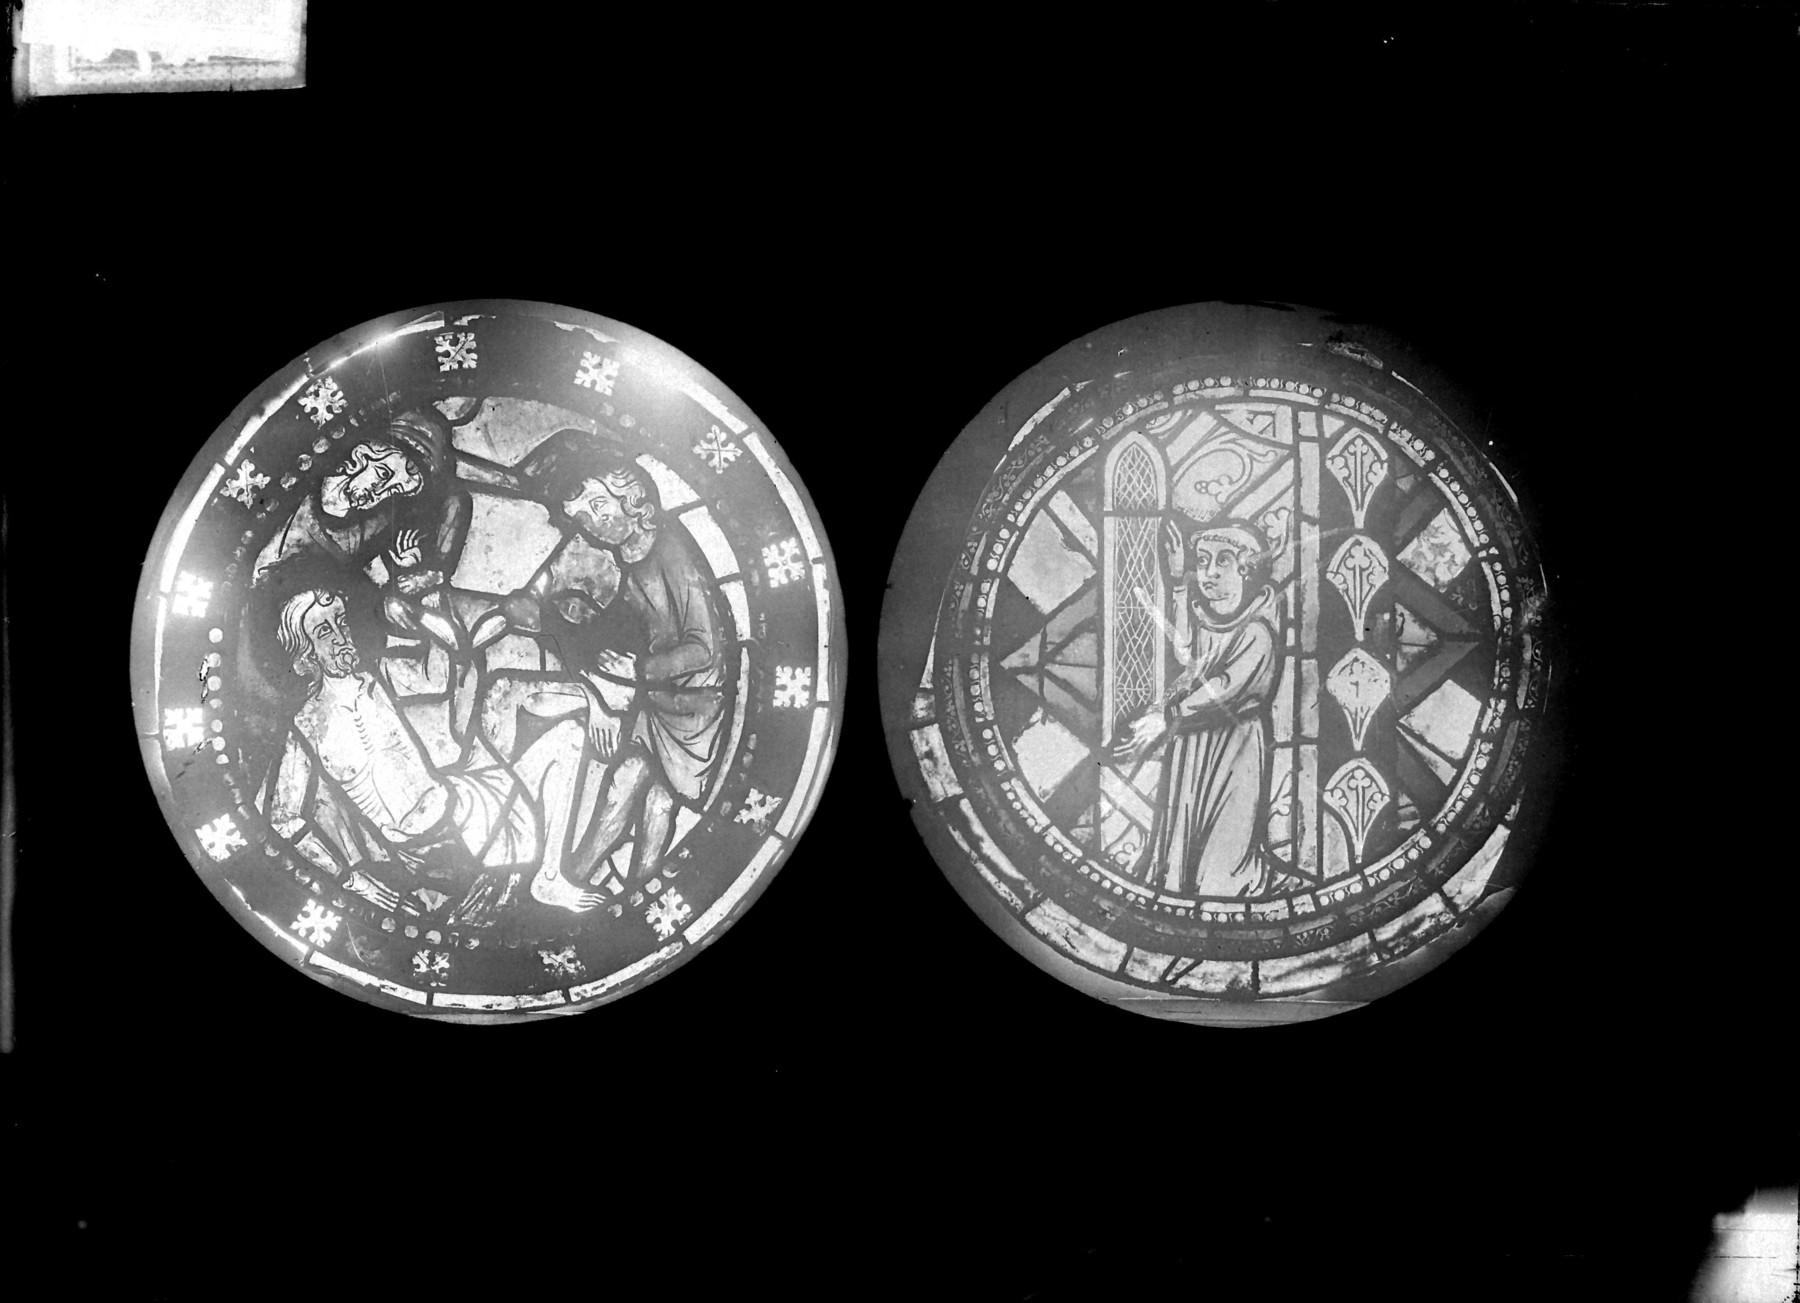 Contenu du Médaillons de la cathédrale Saint-Étienne